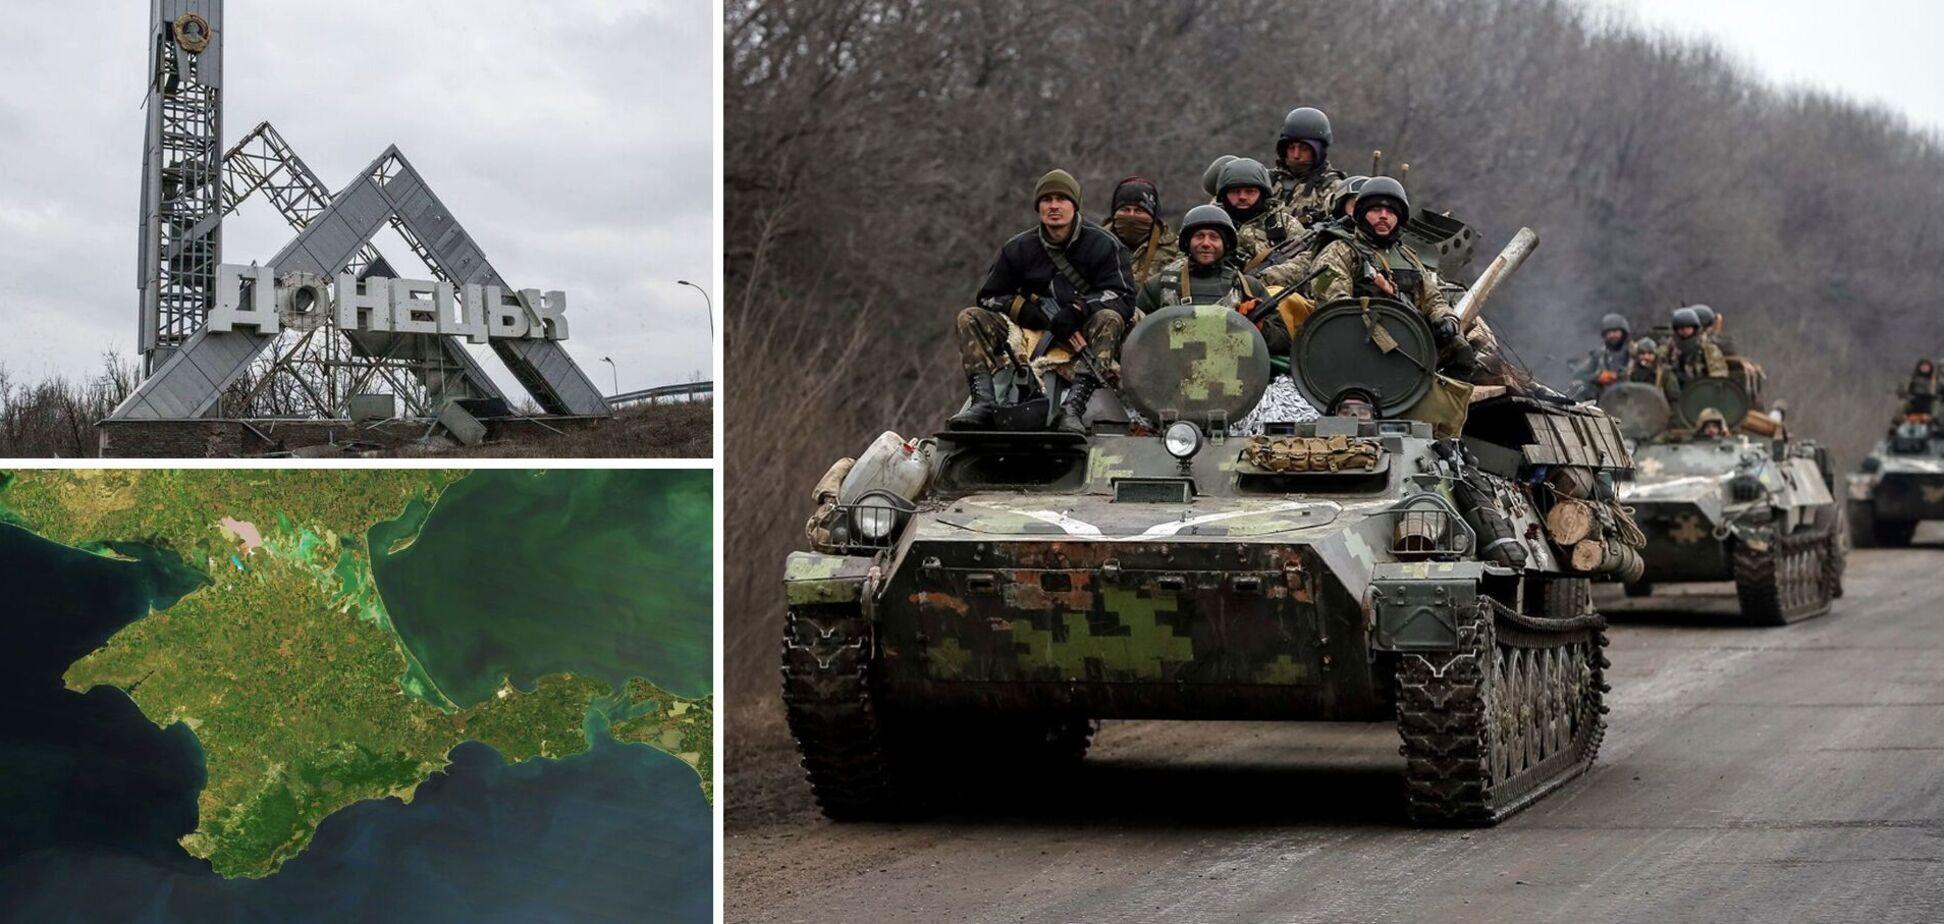 Резников: Украина никогда не подарит России Крым и Донбасс, это наша земля! Интервью